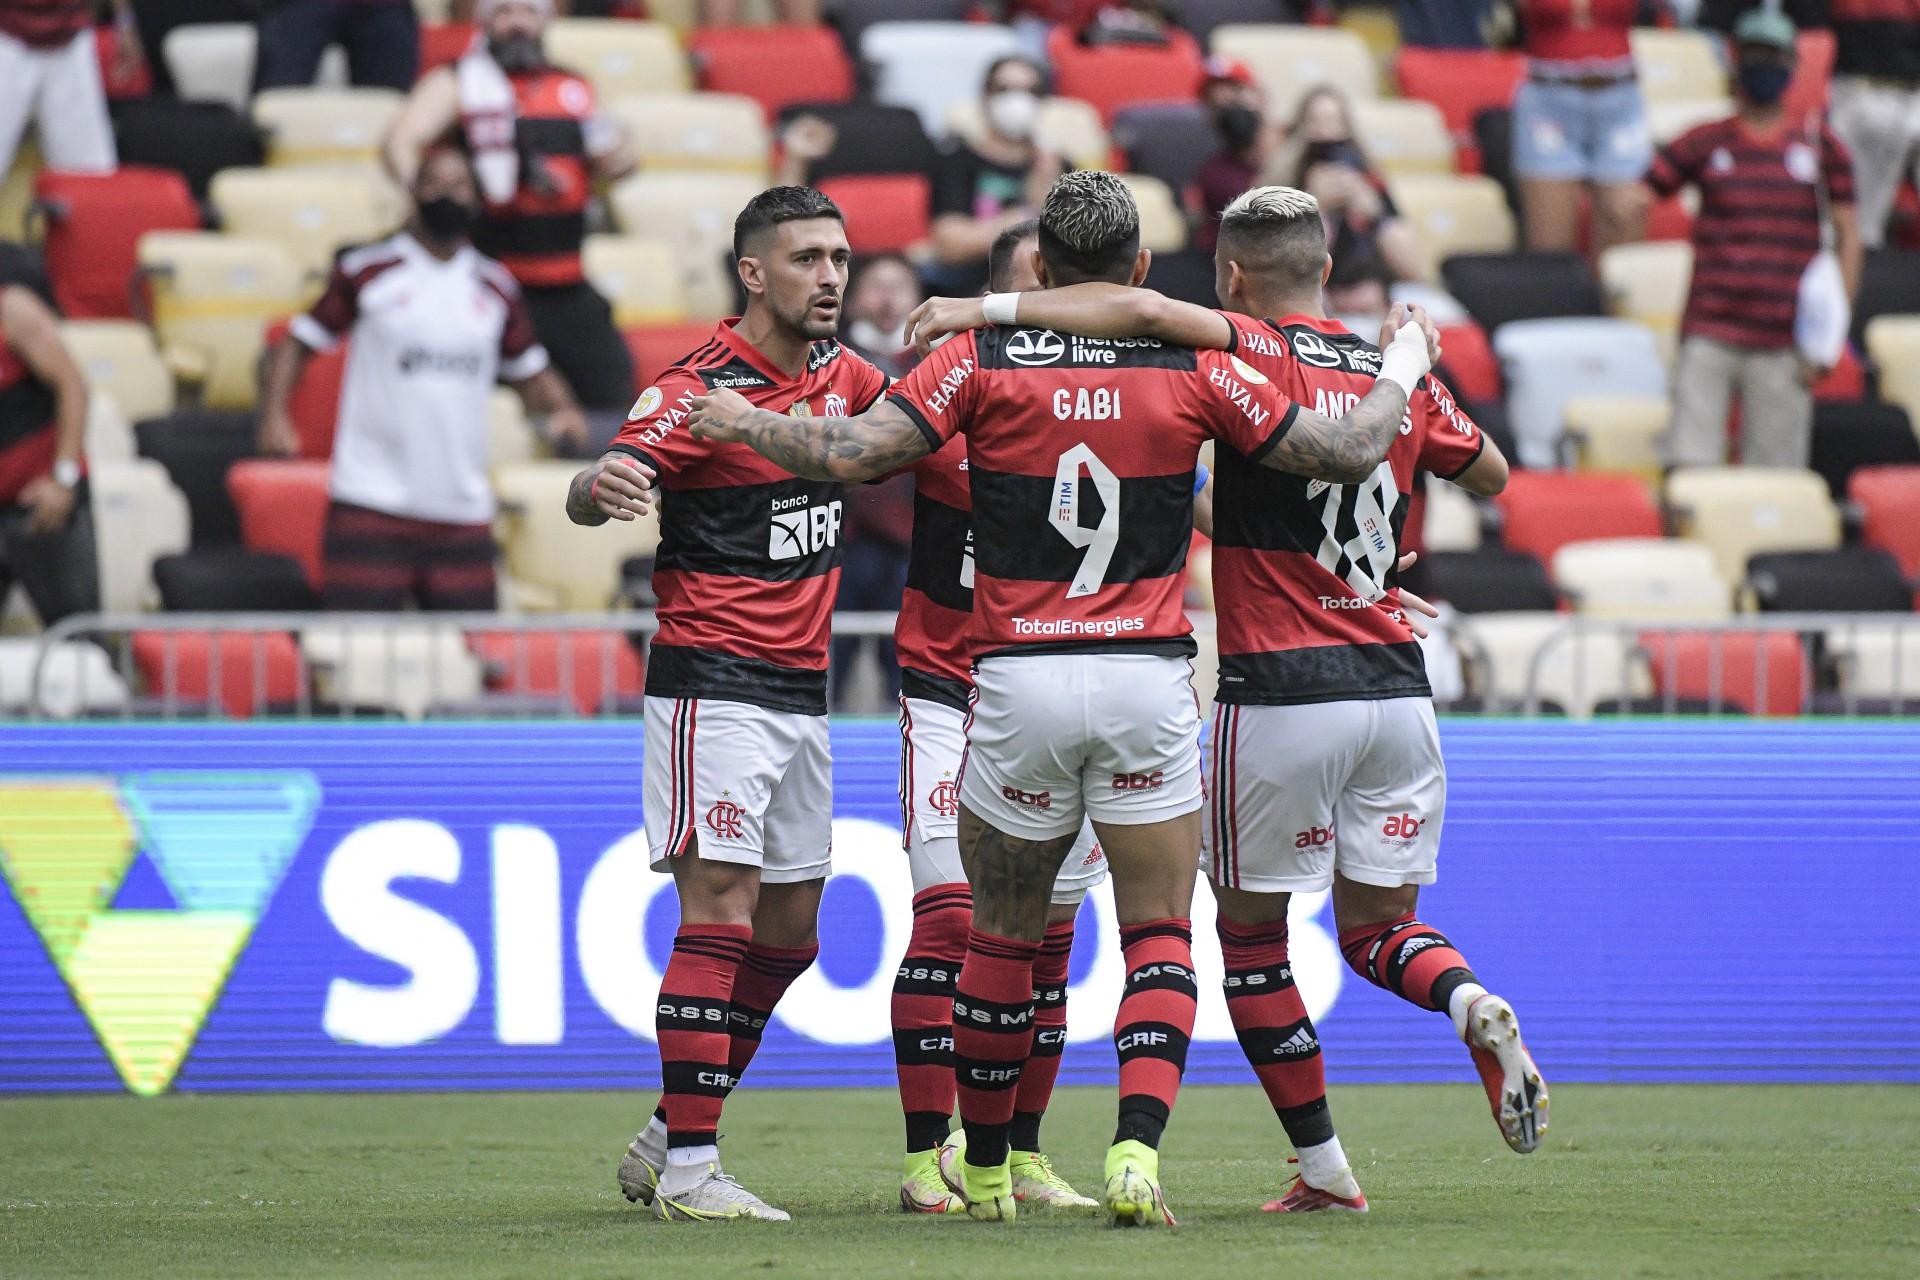 'O Benfica é maior que o Flamengo', afirma comentarista